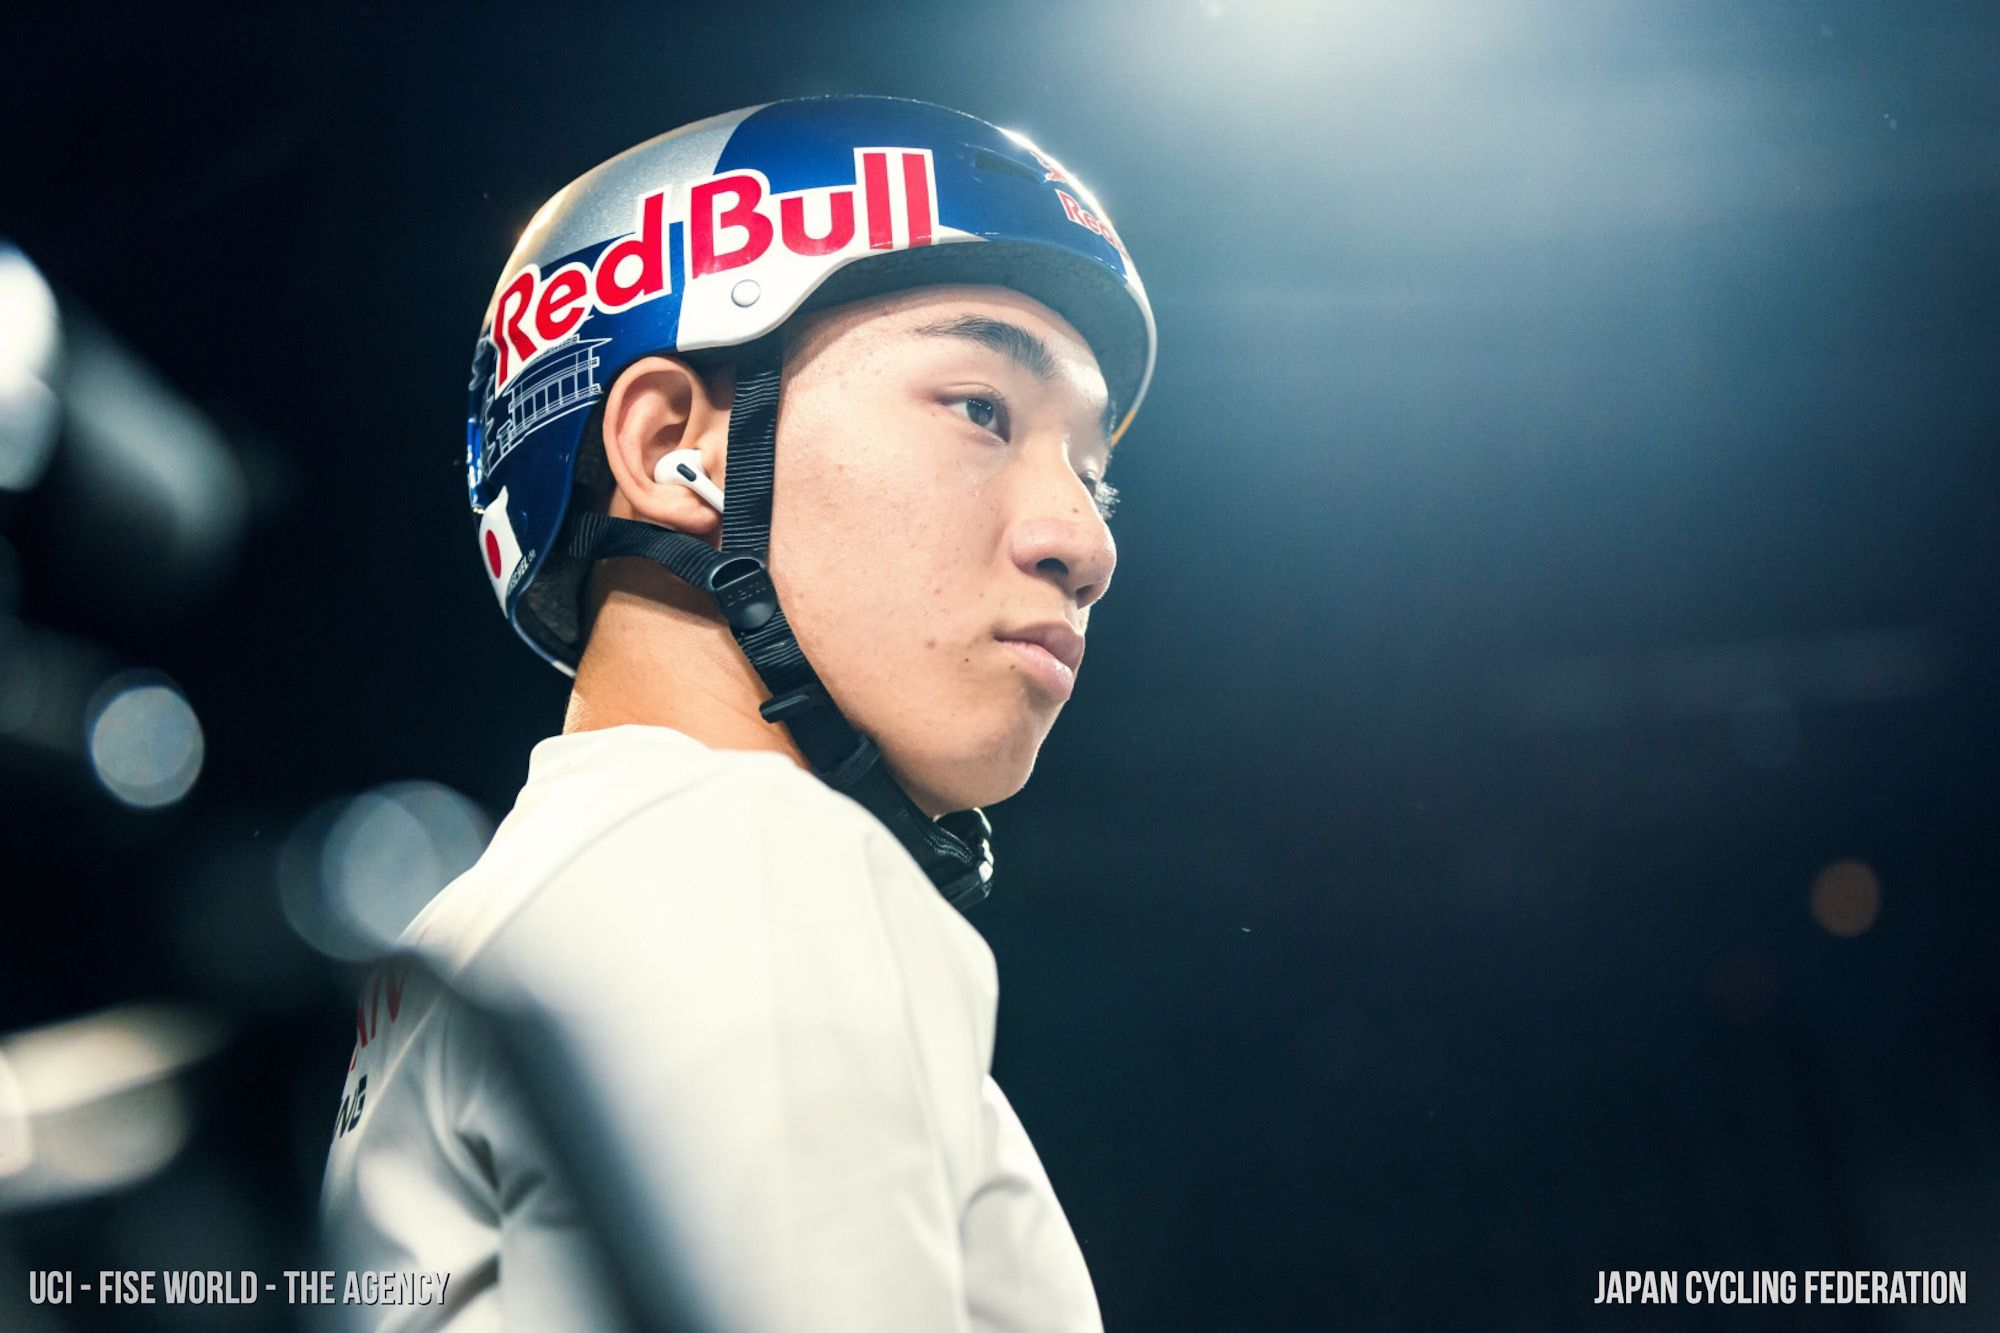 中村輪夢 BMX アーバンサイクリング世界選手権